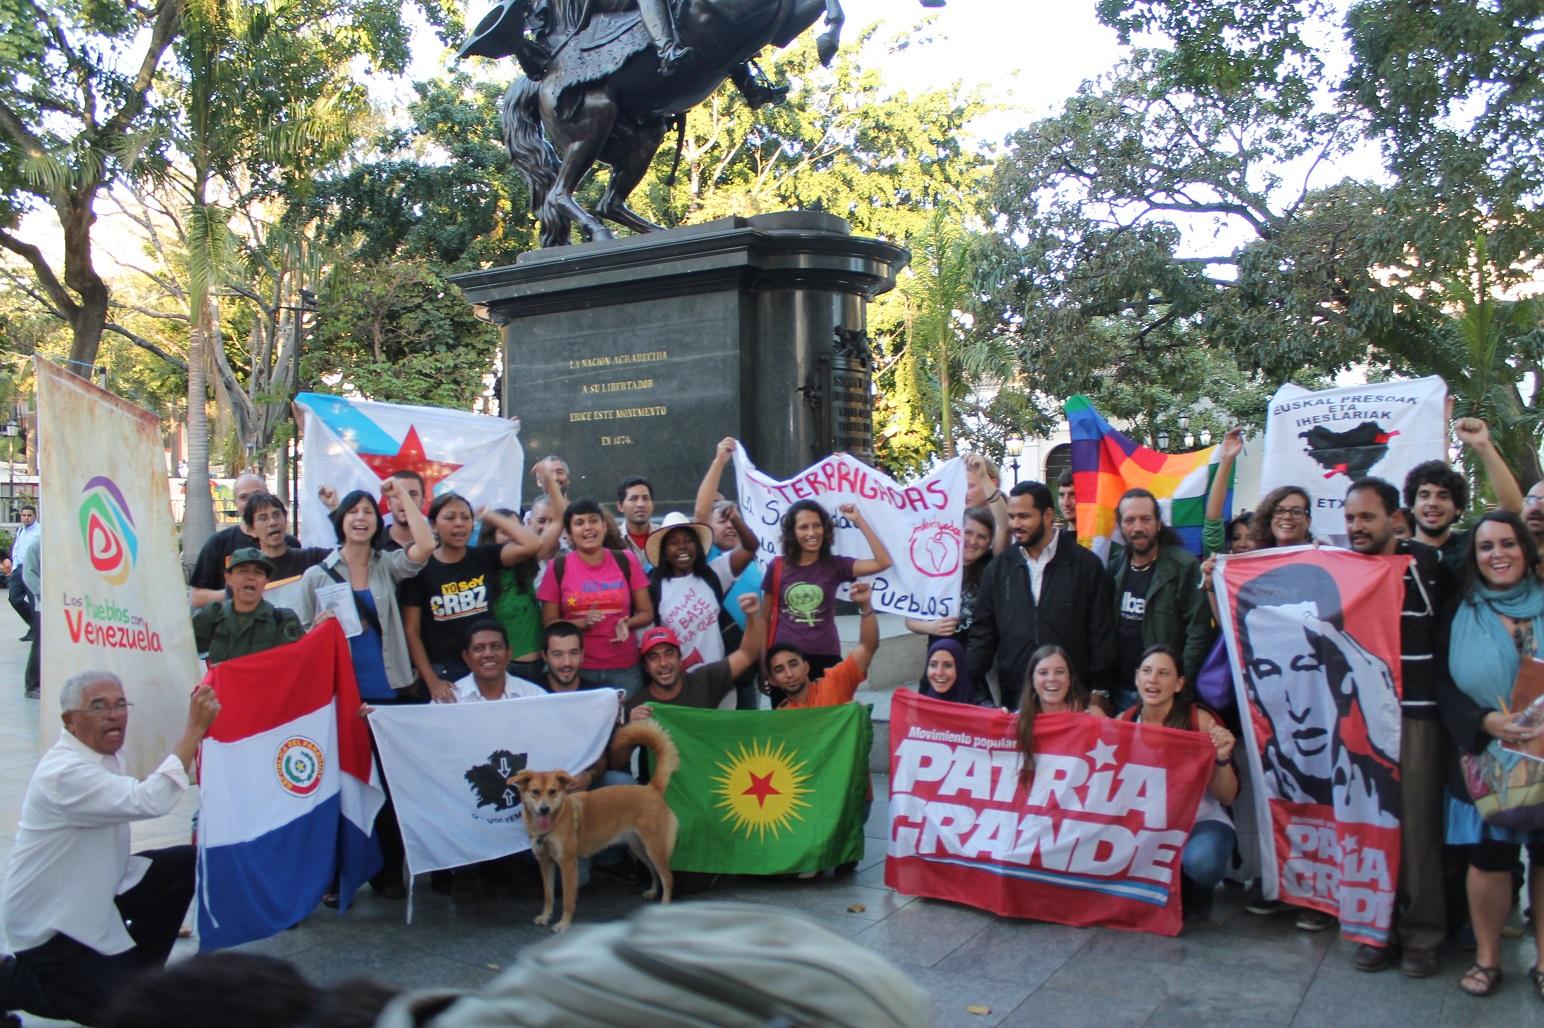 Los_pueblos_con_Venezuela.jpg